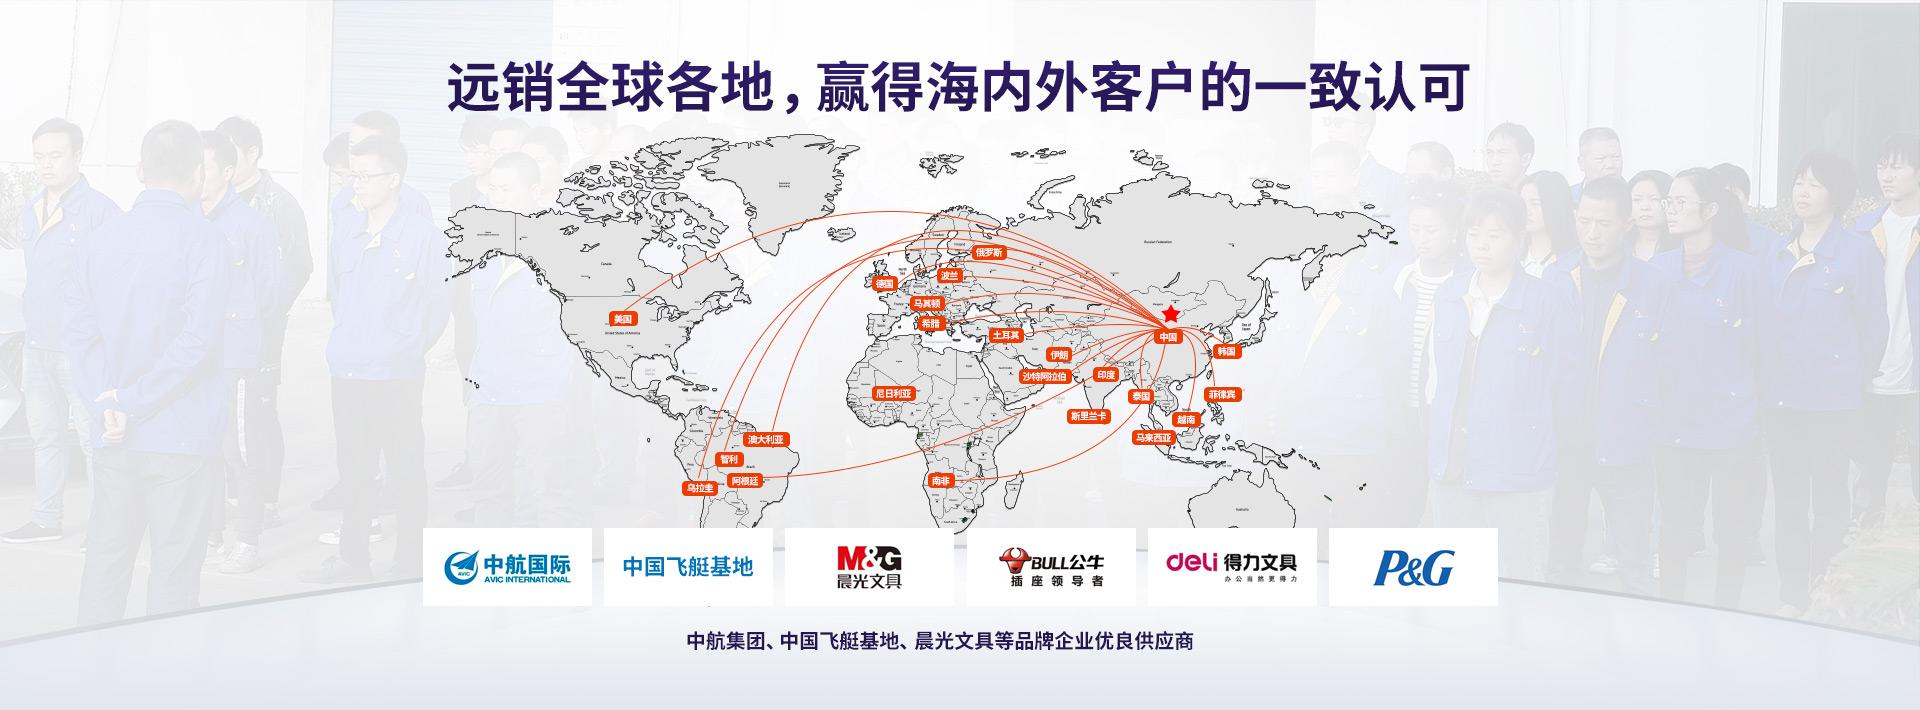 远销全球各地 赢得海内外客户的一致认可